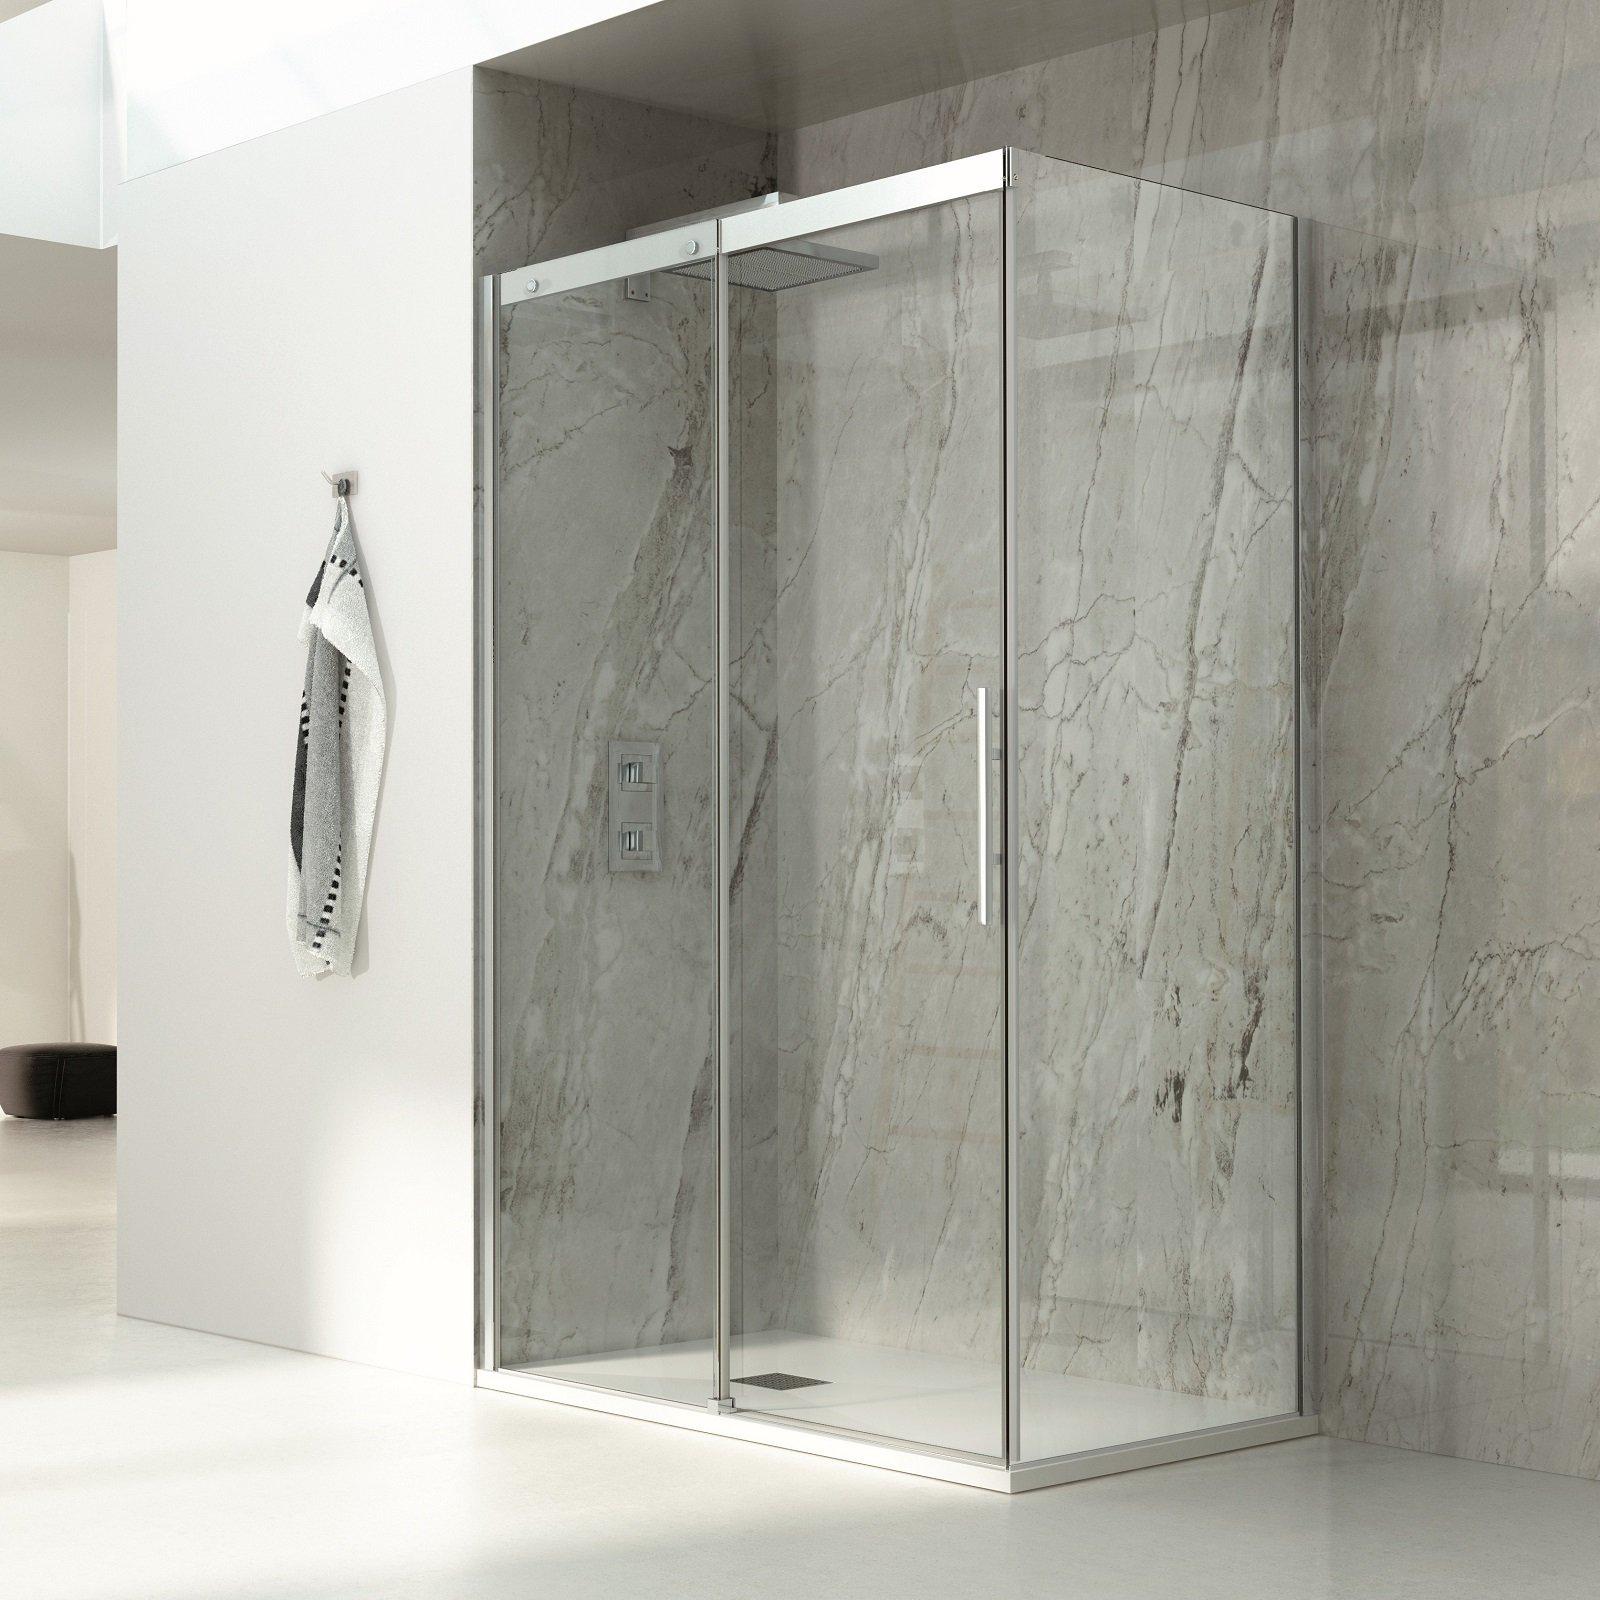 Box doccia rettangolari eleganza minimale per il bagno cose di casa - Box doccia in vetro prezzi ...